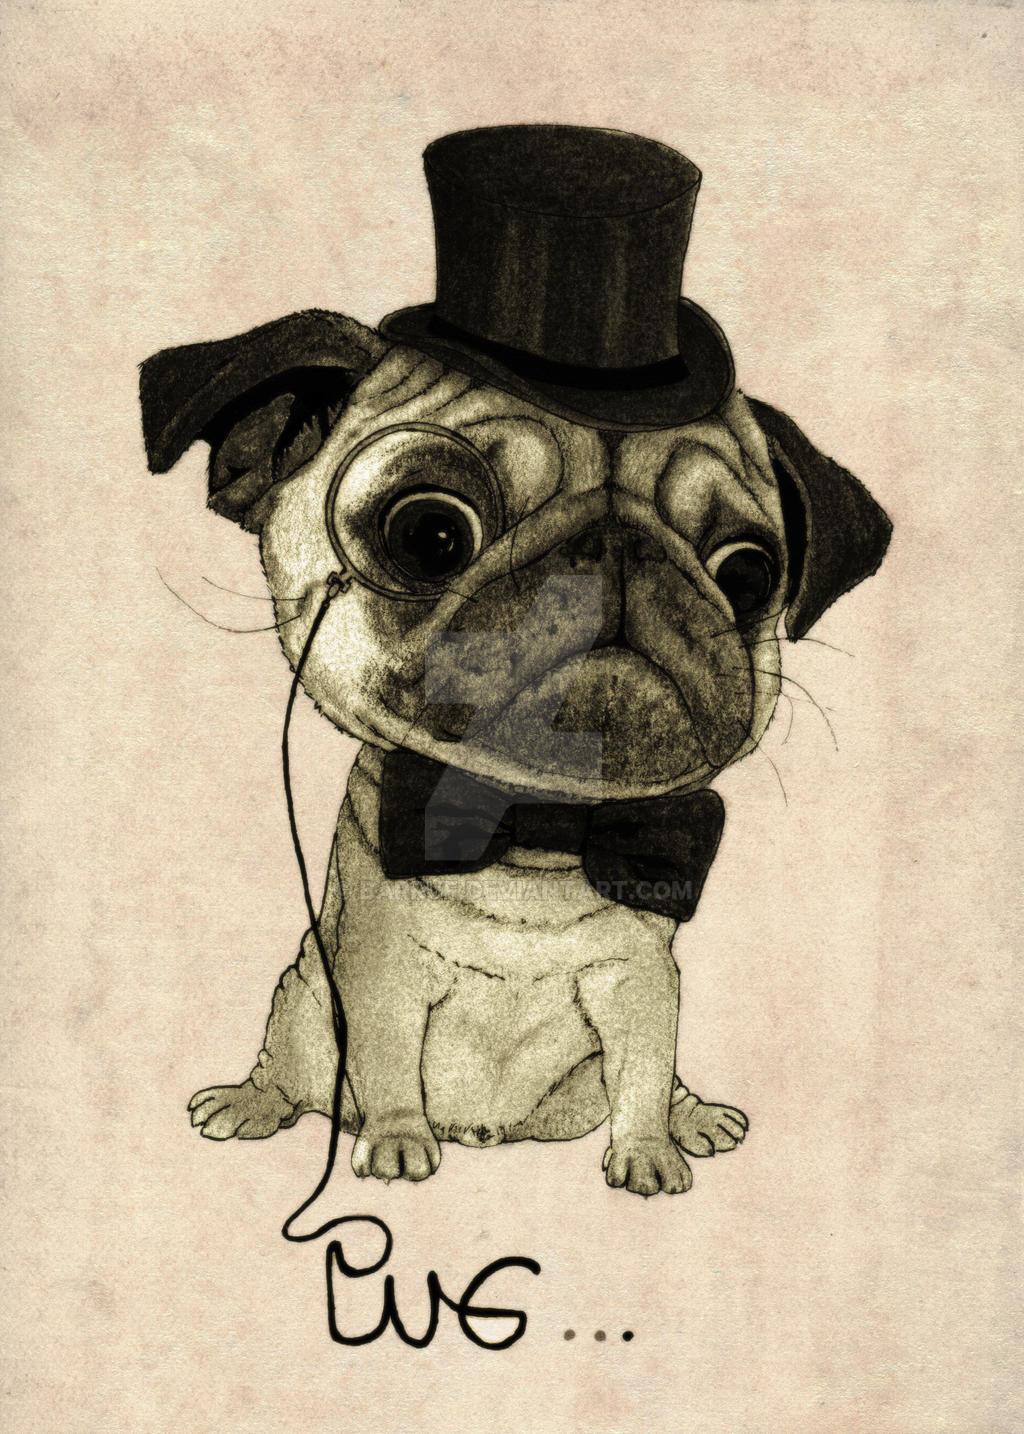 Pug (gentle pug). by barruf